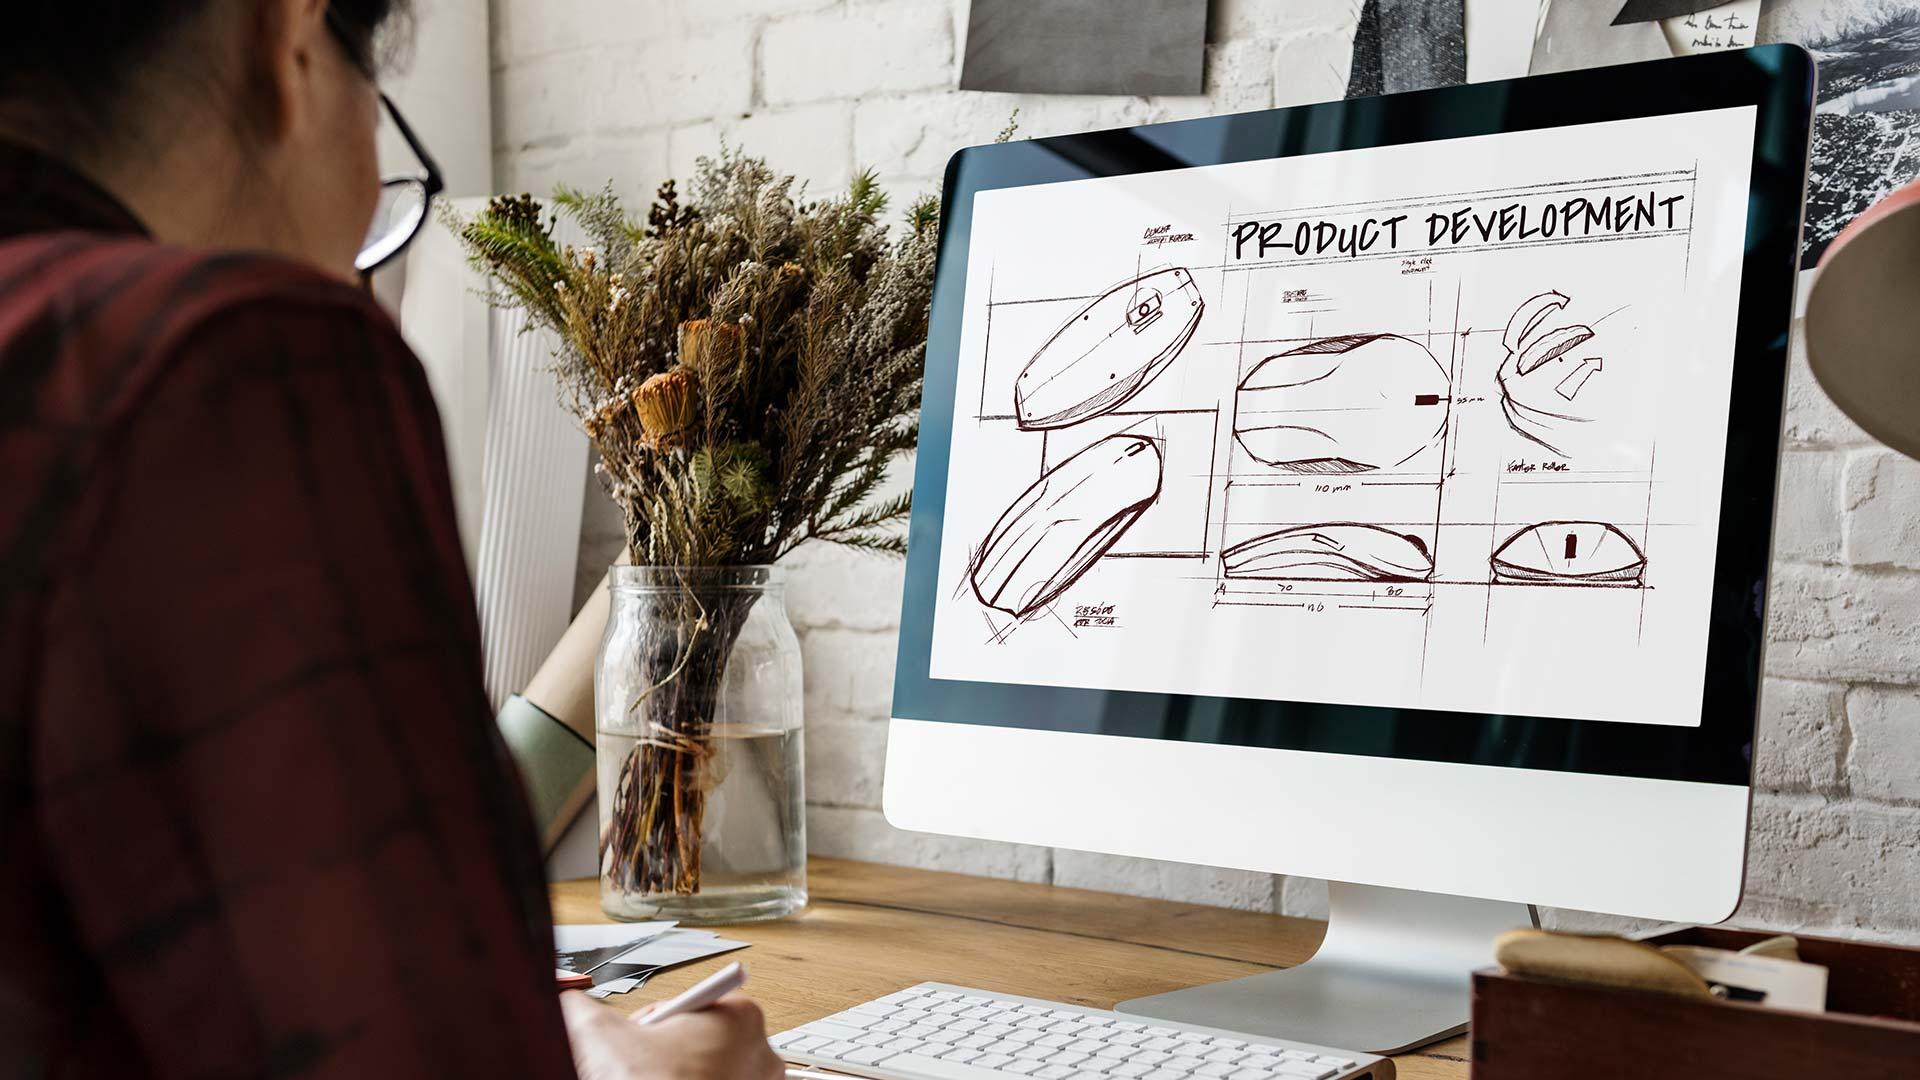 הכנת תוכנית עסקית לפטנט במחשב